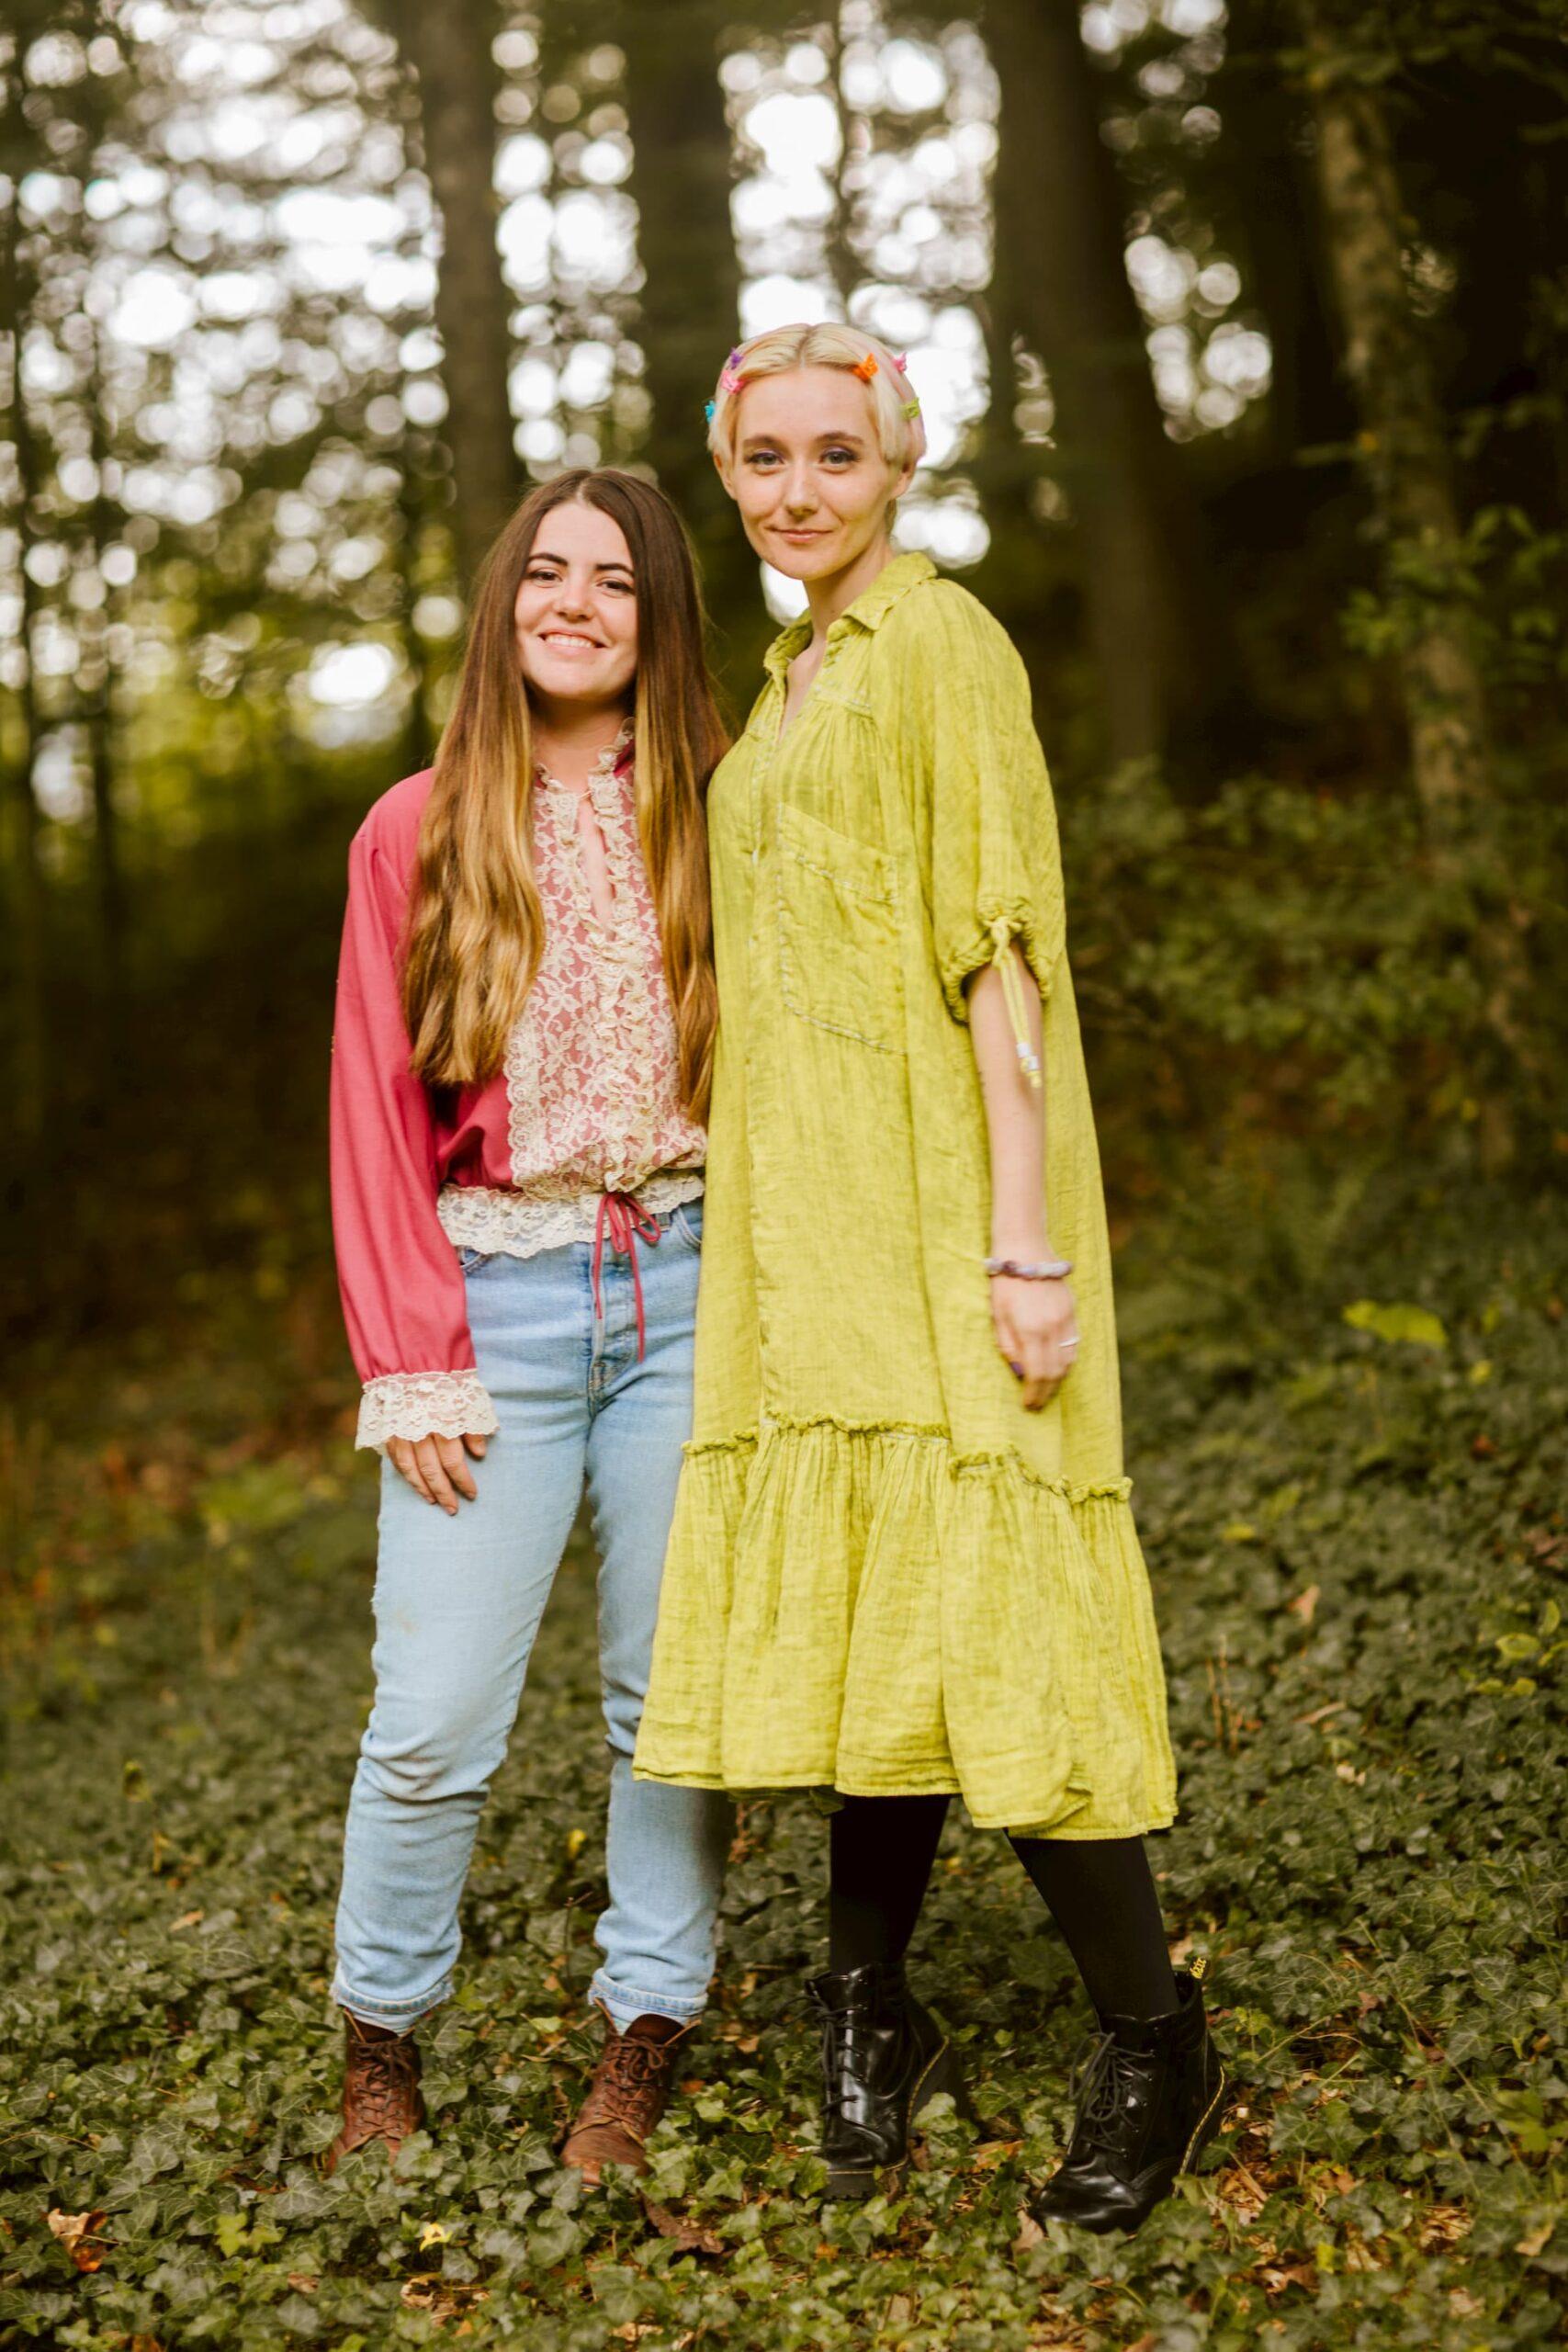 Senora May and Jessica Lea Mayfield (Photo by Natasha Raichel)